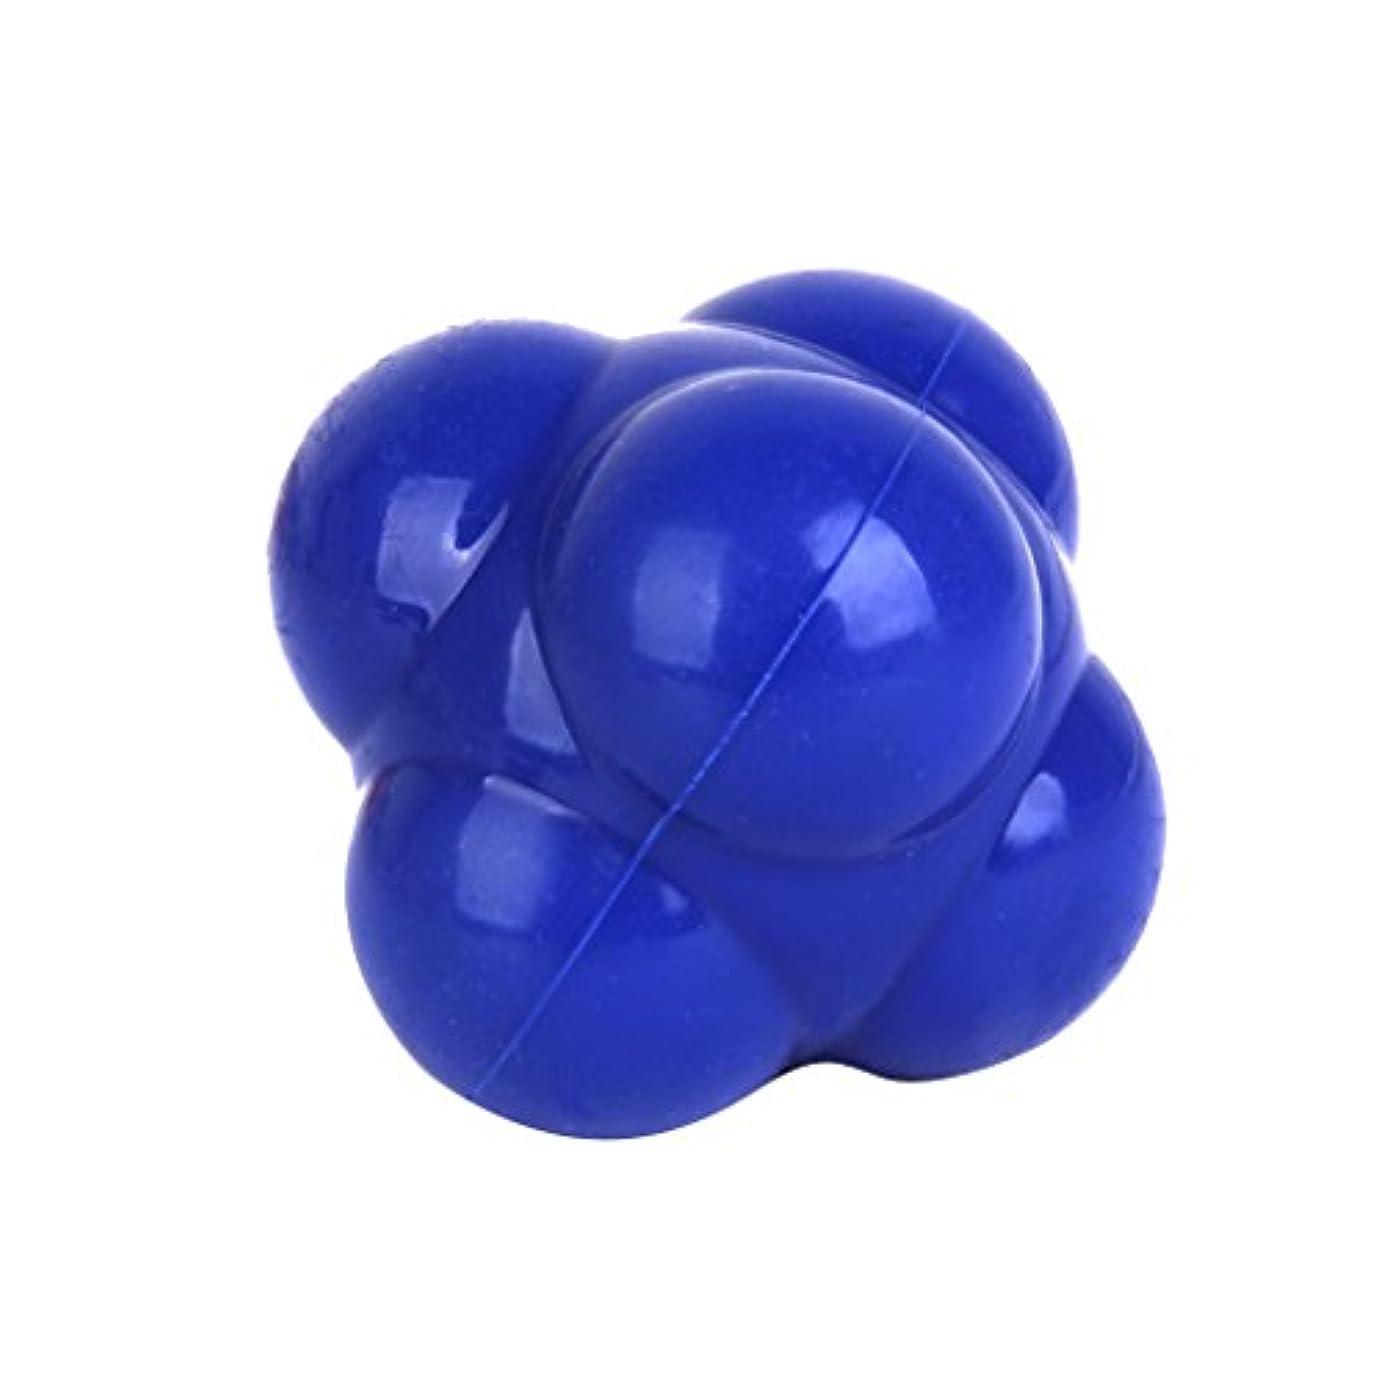 滑る起きる台風【ノーブランド品】六角反応ボール 六角マッサージボール 反射運動トレーニング 青